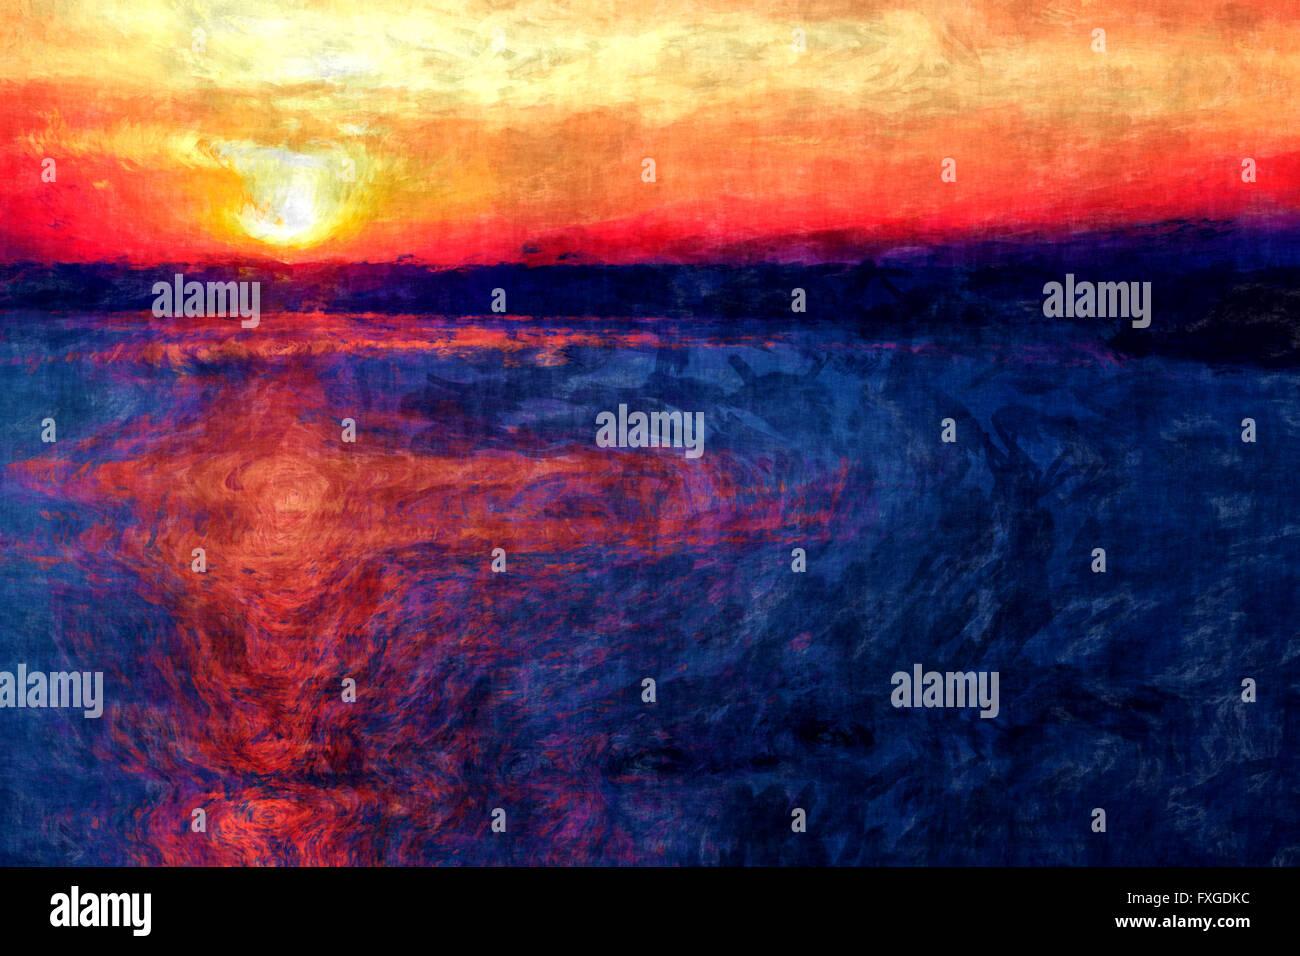 Sonnenuntergang-Gemälde Impressionismus, erstaunlichen Sonnenuntergang Szene Pinsel malen, Sonne, Lichtreflexion, Stockbild